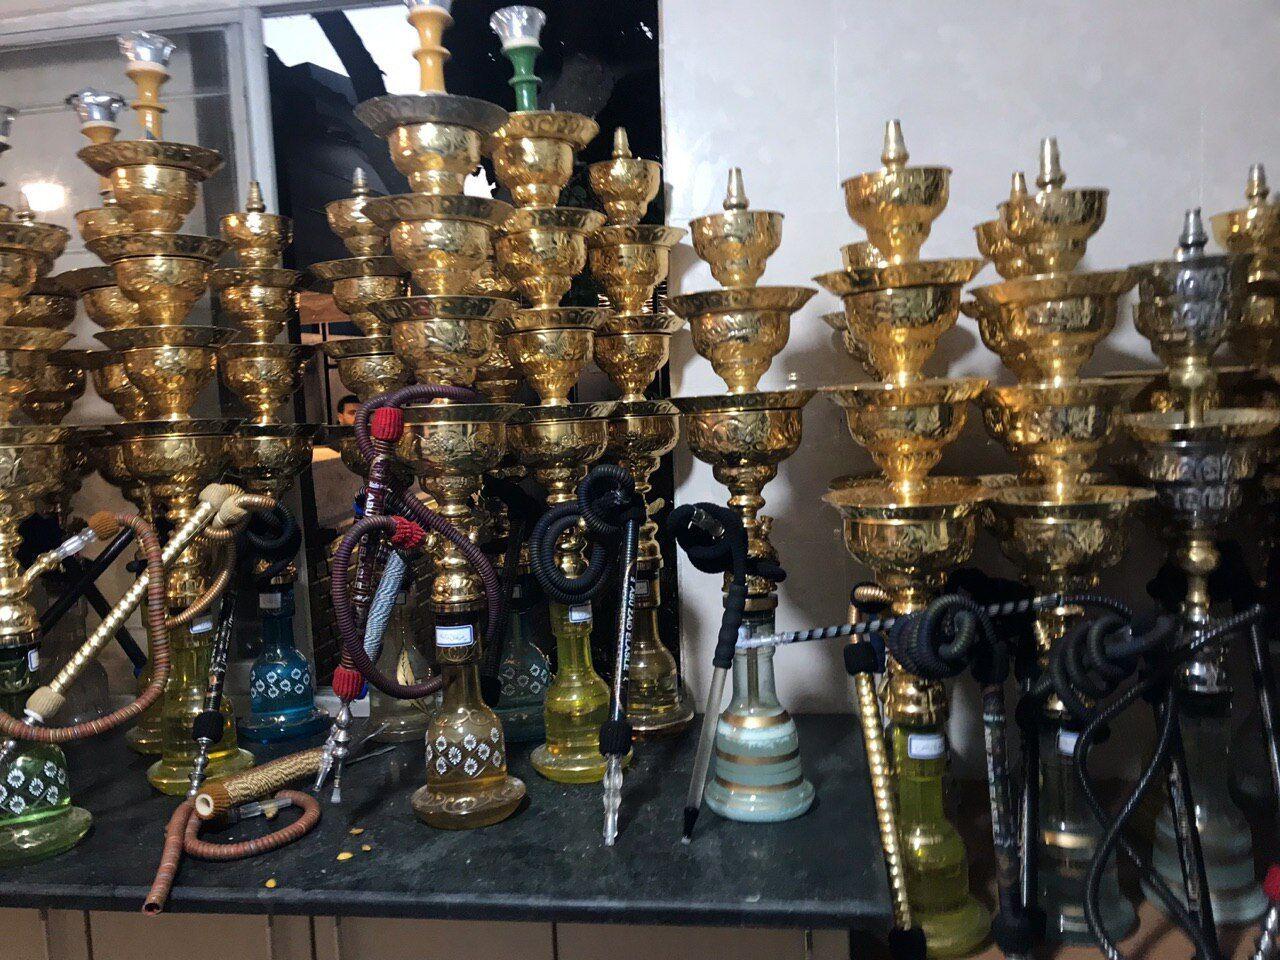 ۴۱۰ قلیان از چایخانههای متخلف سبزوار جمعآوری شد